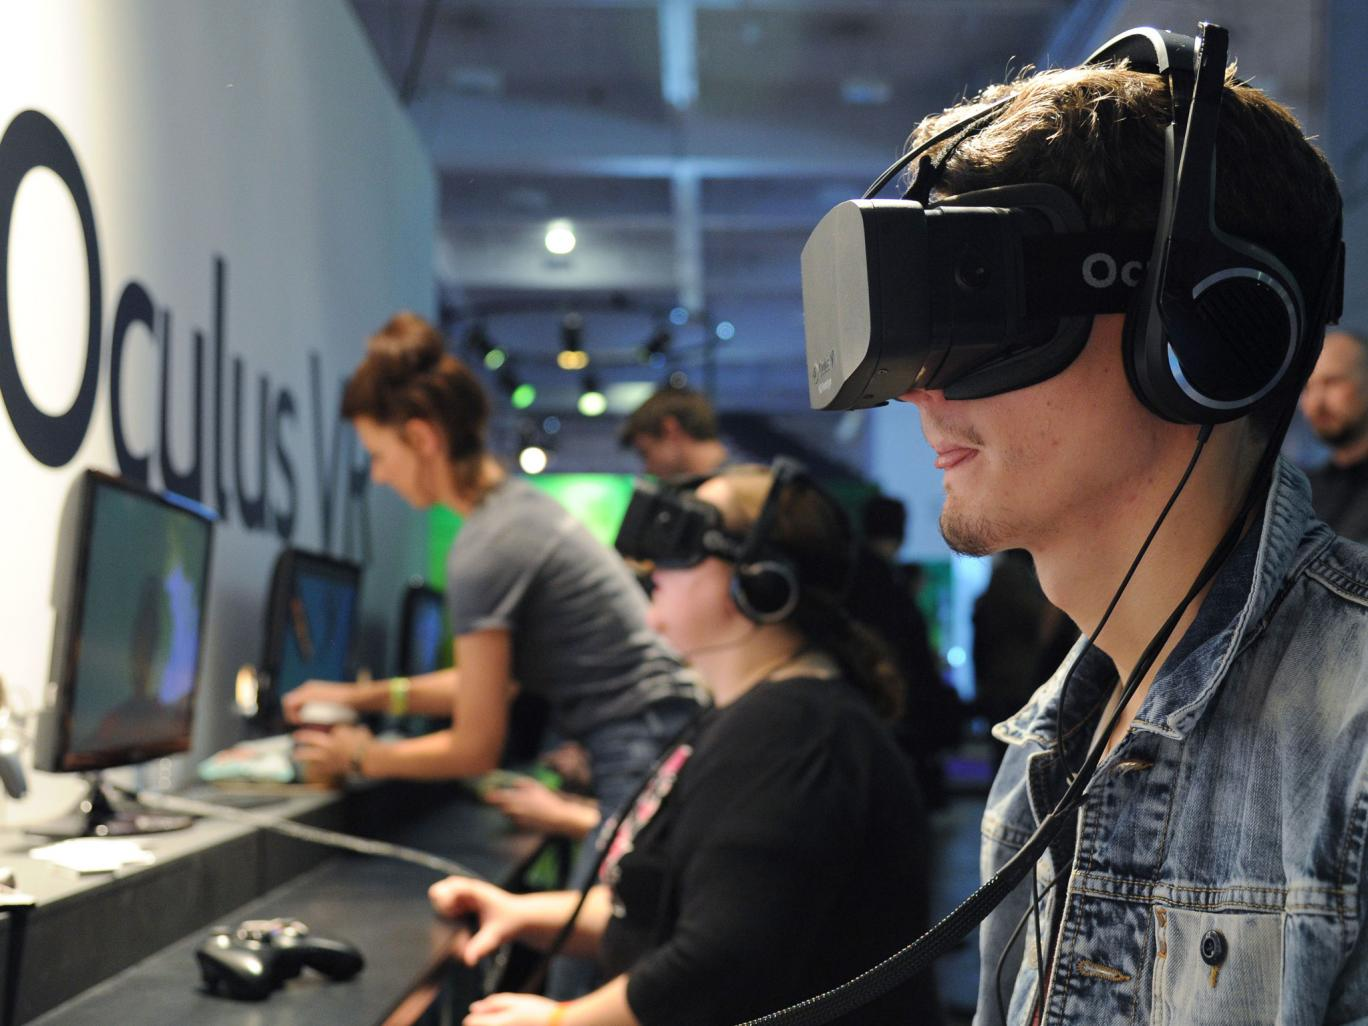 Facebook wstydzi się marki Oculus. Konferencja o wirtualnej rzeczywistości zyskała nową nazwę